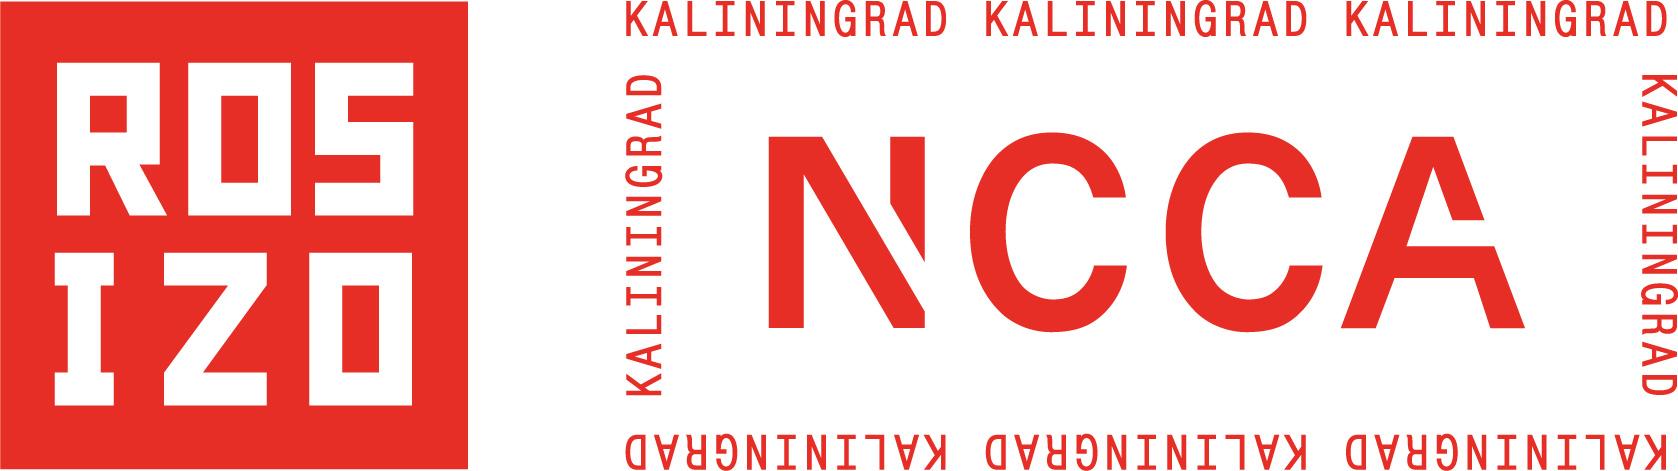 Современное искусство Калининграда в Даугавпилсе